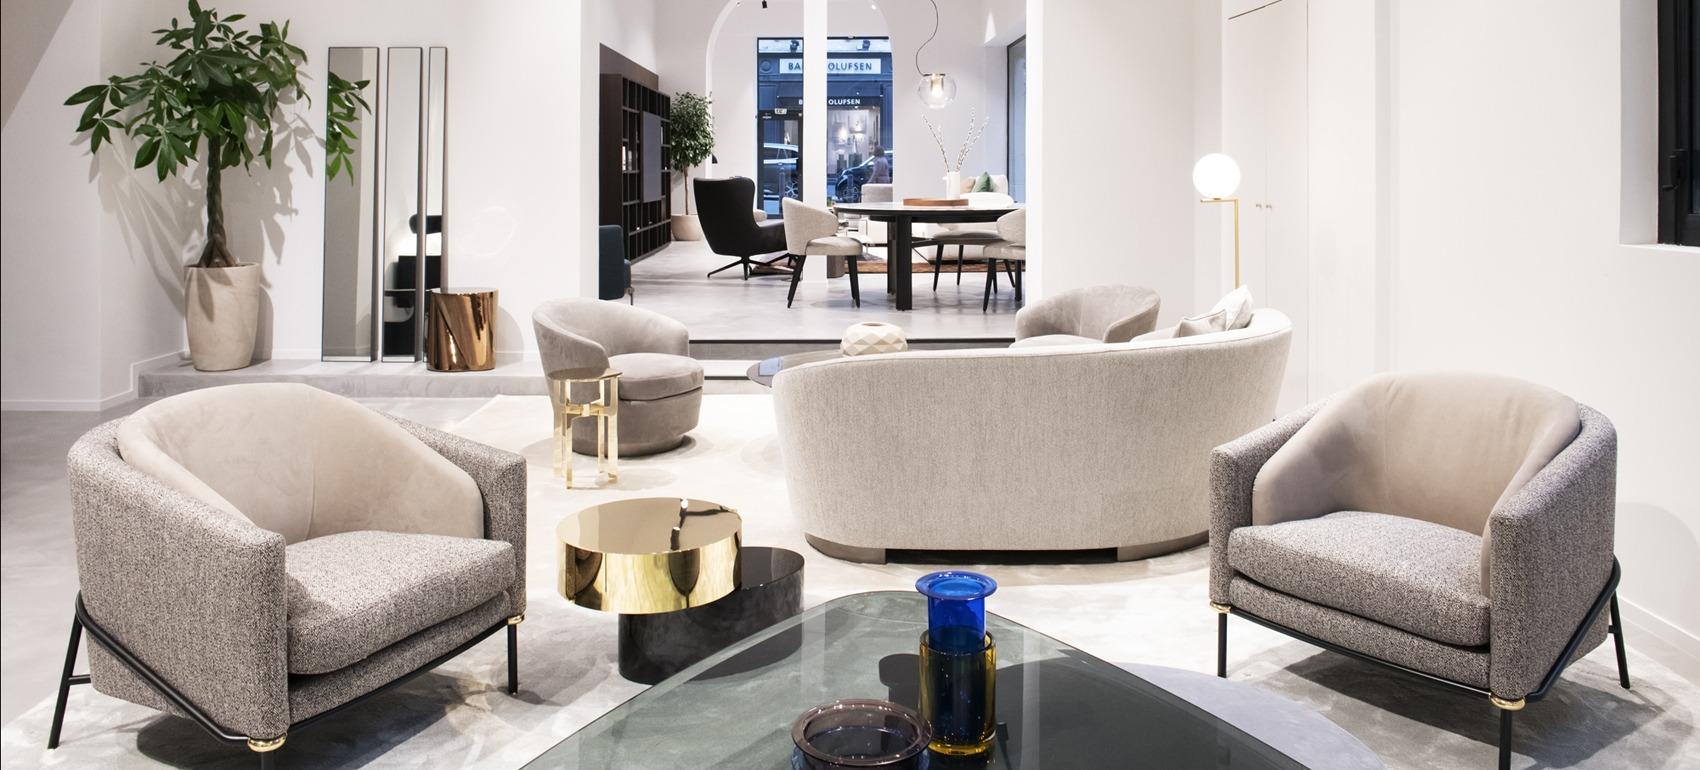 mobilier design marseille minotti magasin meuble contemporain silvera